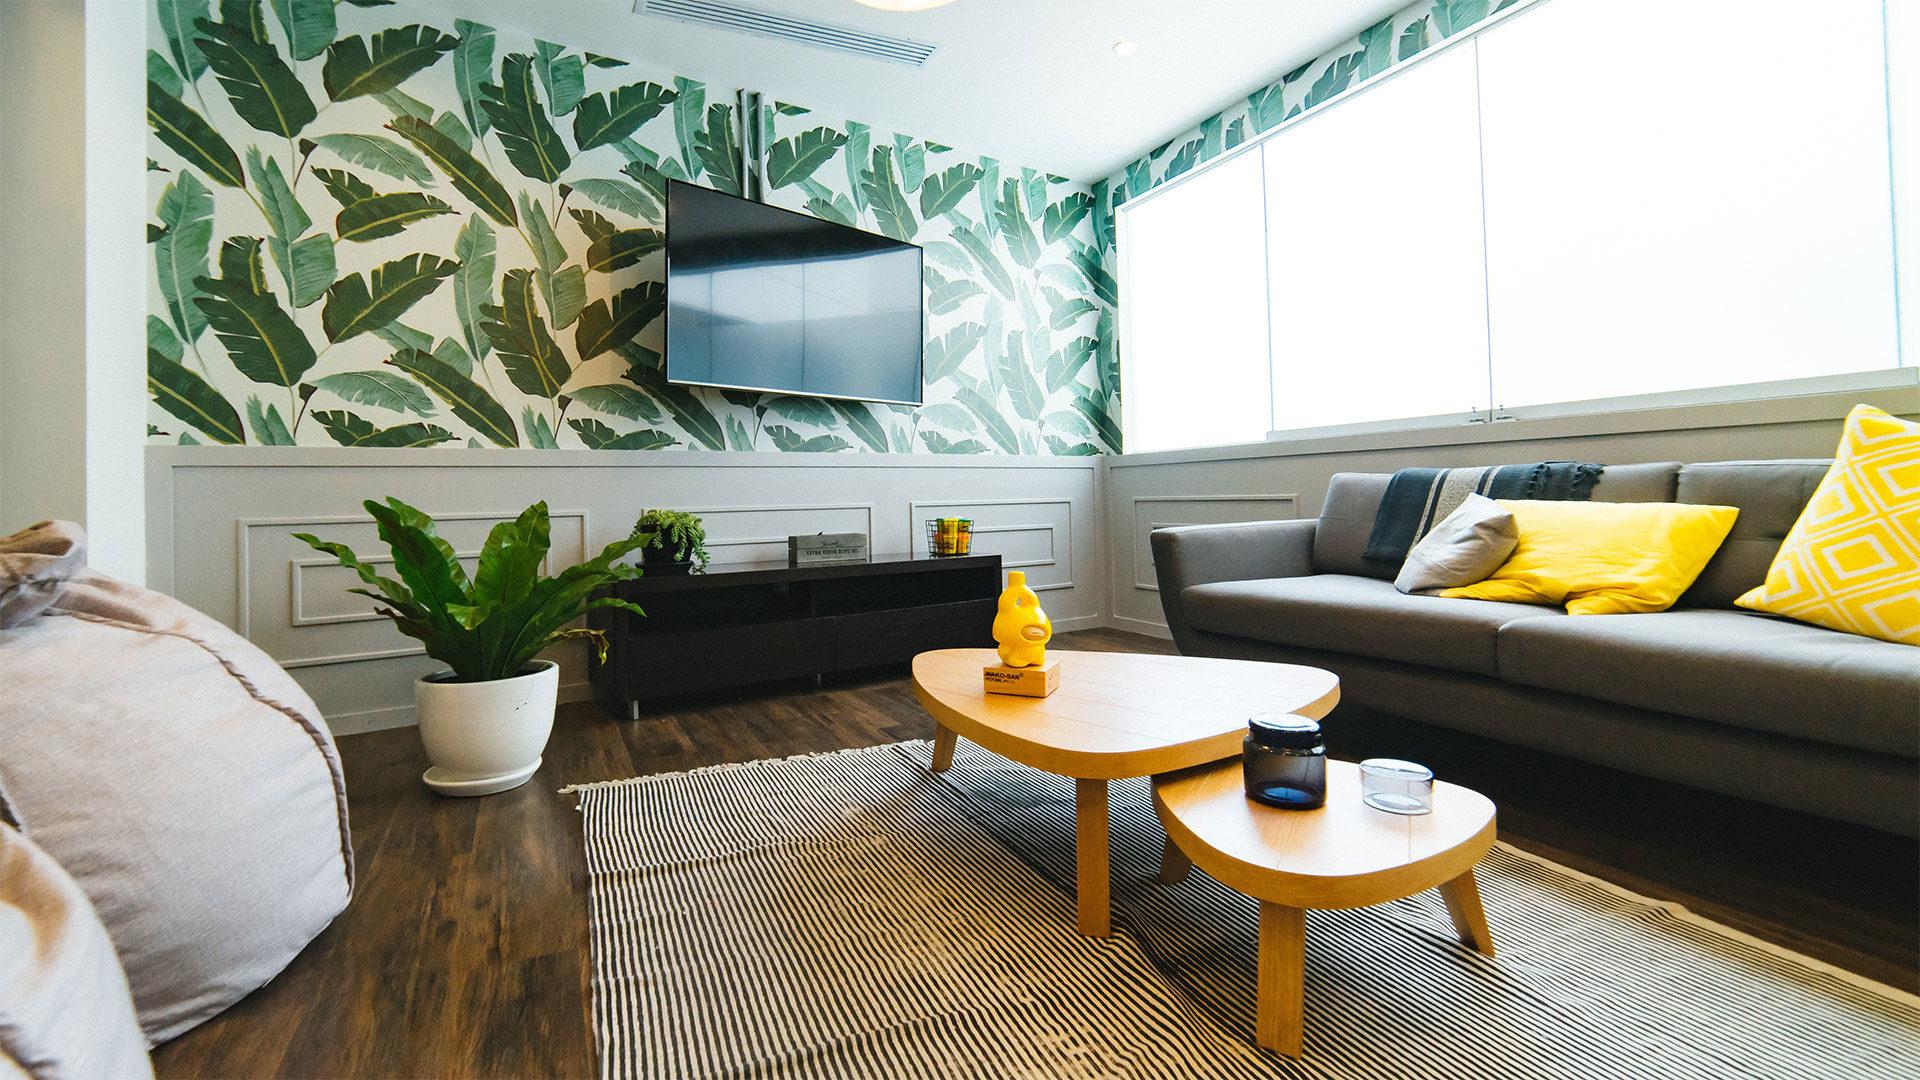 salon z kanapą, telewizorem, dywanem